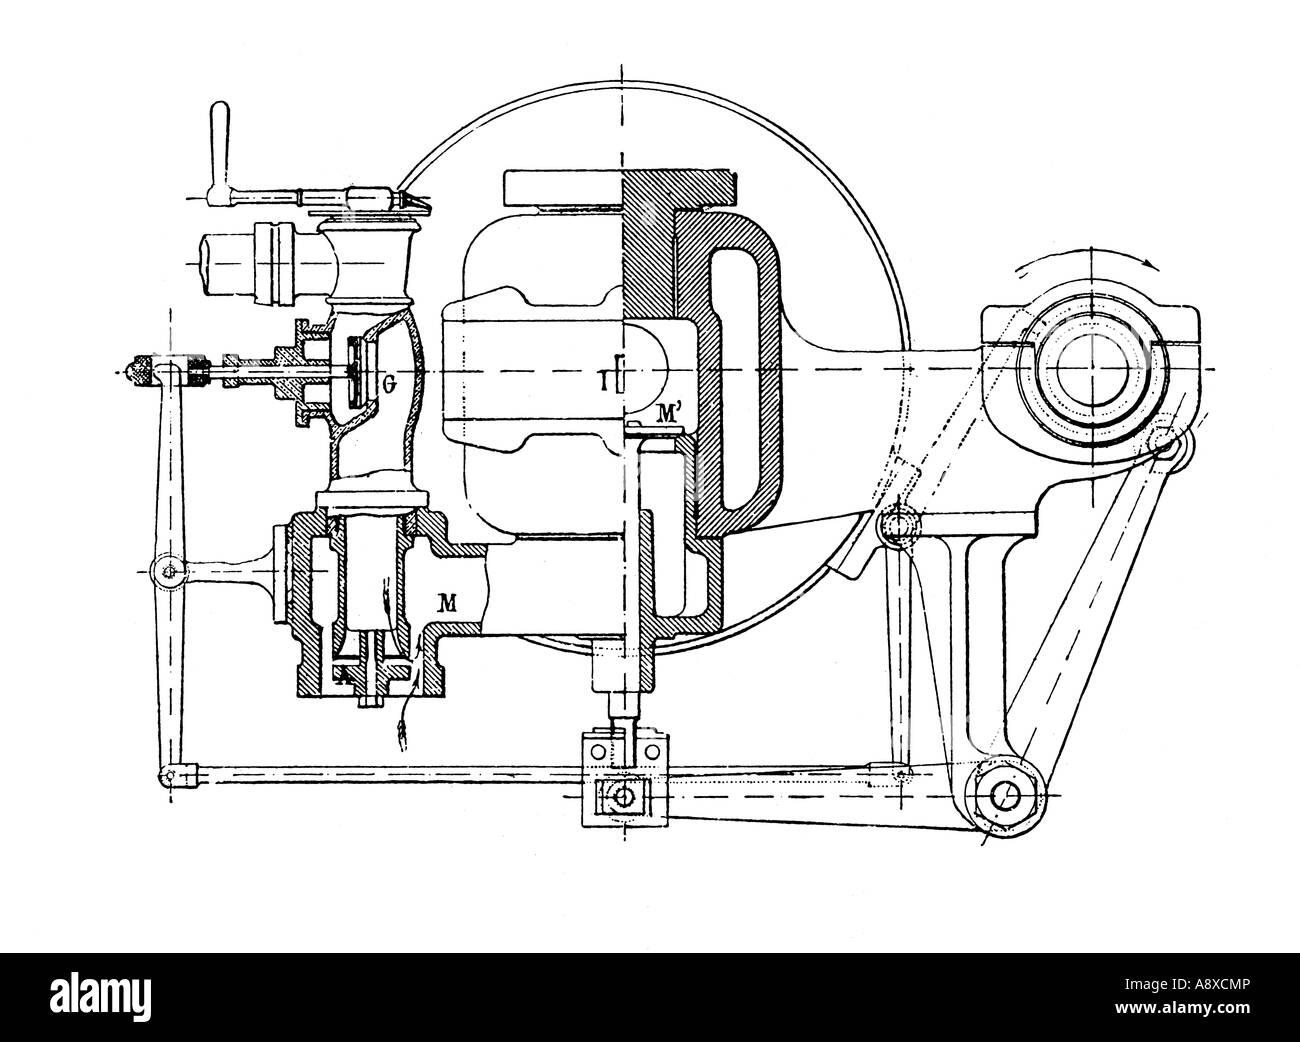 OTTO GAS BURNING ENGINE VALVES - Stock Image